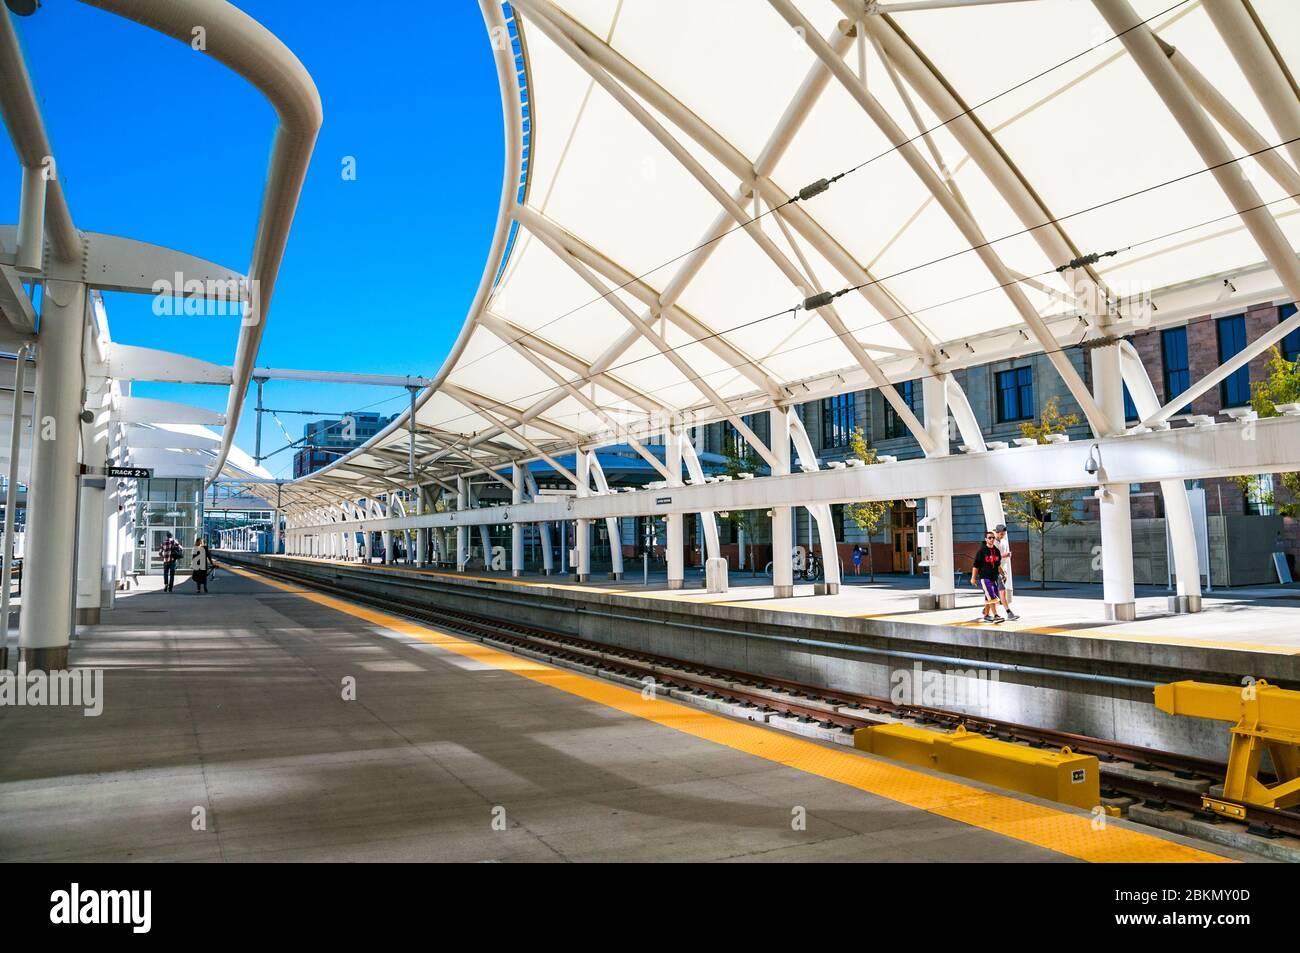 Menschen zu Fuß auf die Plattform an der Union Station. Denver, Colorado, USA. Stockfoto